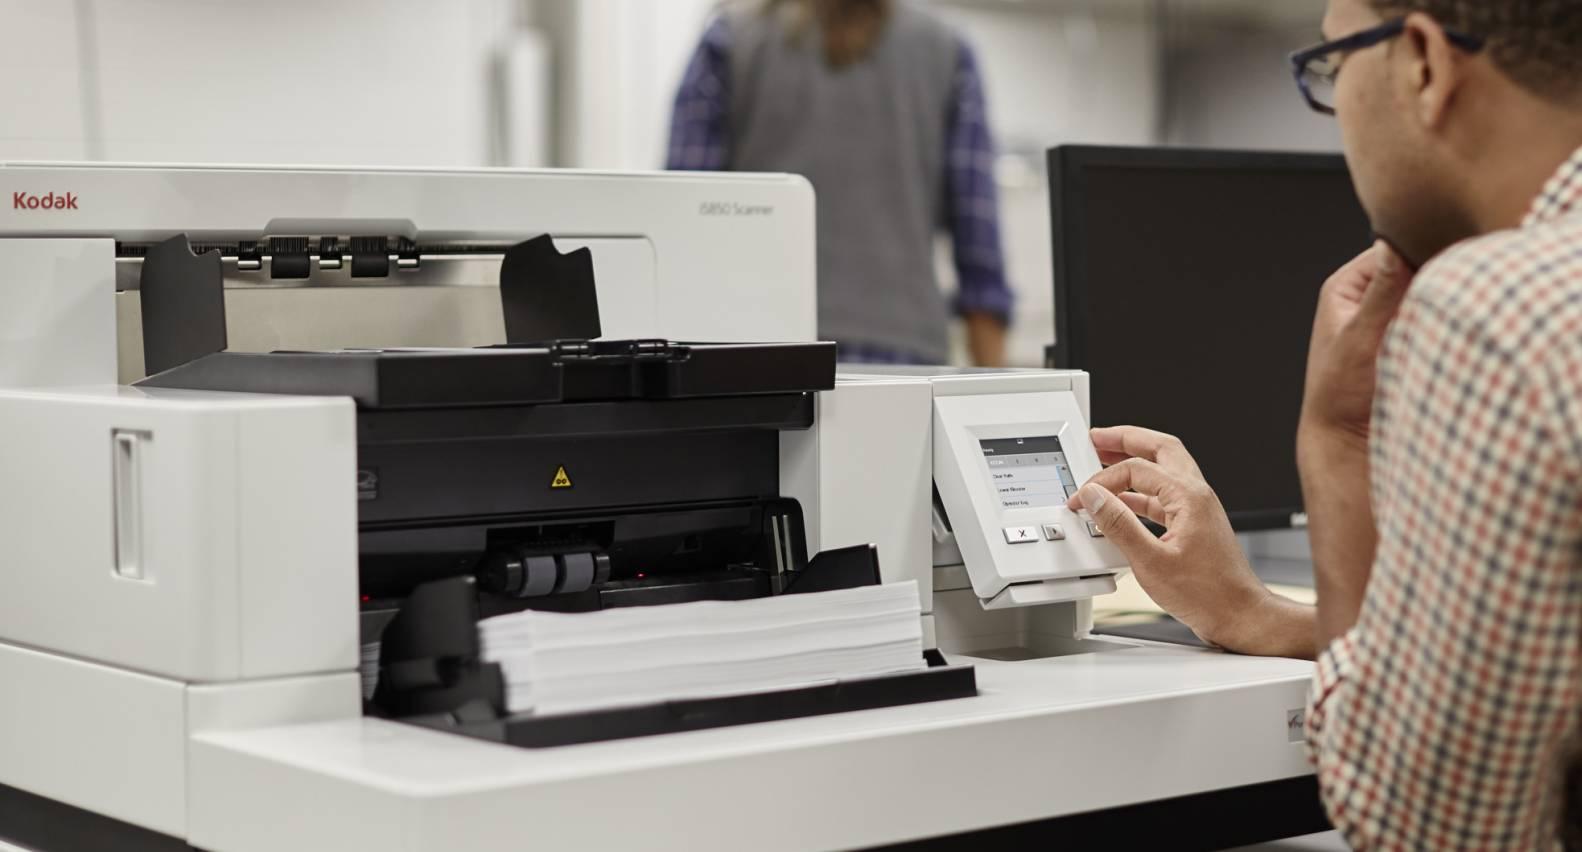 scanner-Kodak-Alaris